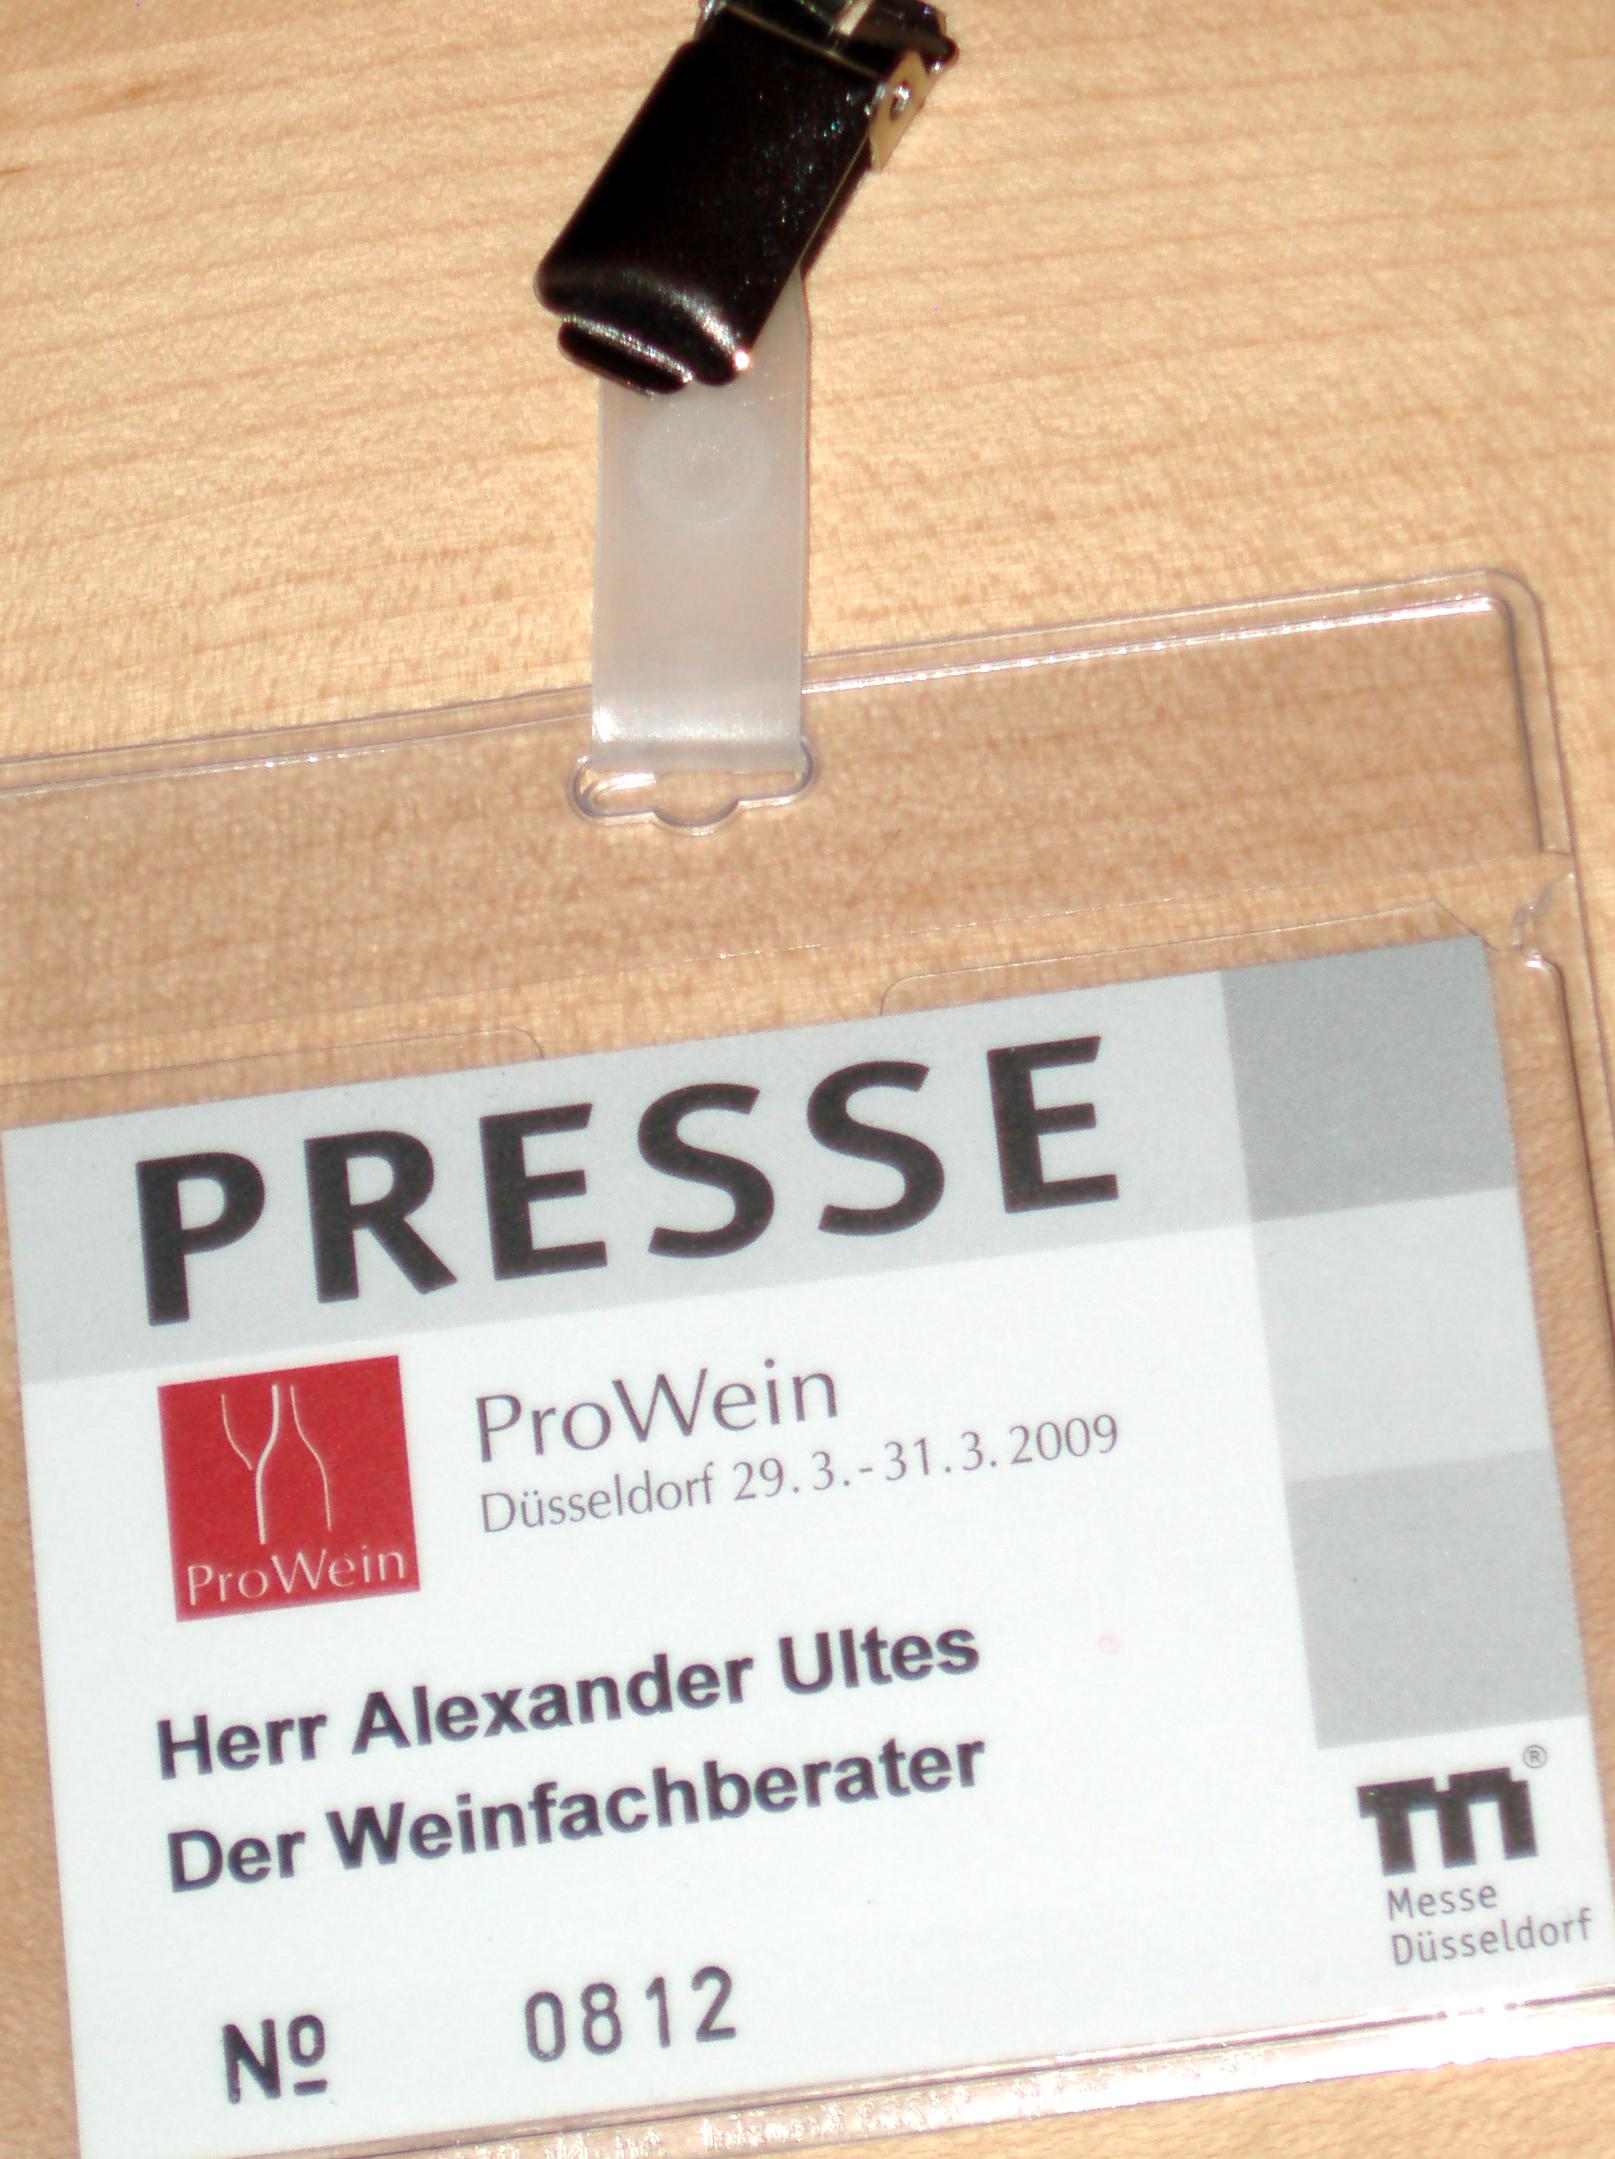 Presseausweis: Weinfachberater | der Ultes